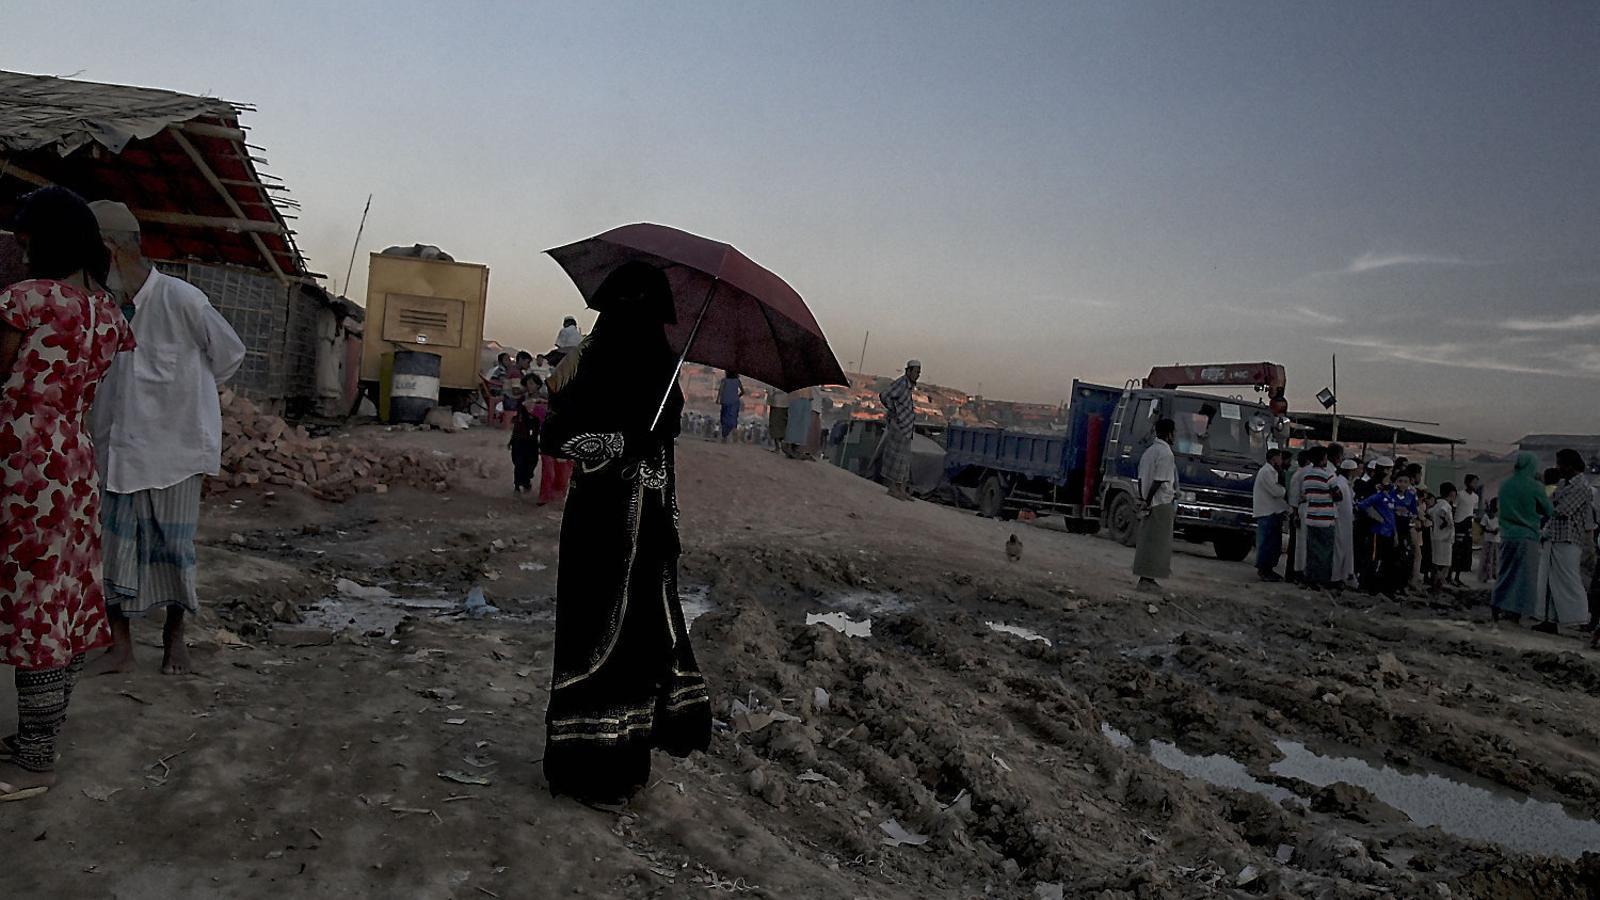 La població local de Bangladesh ara no vol els rohingyes al país